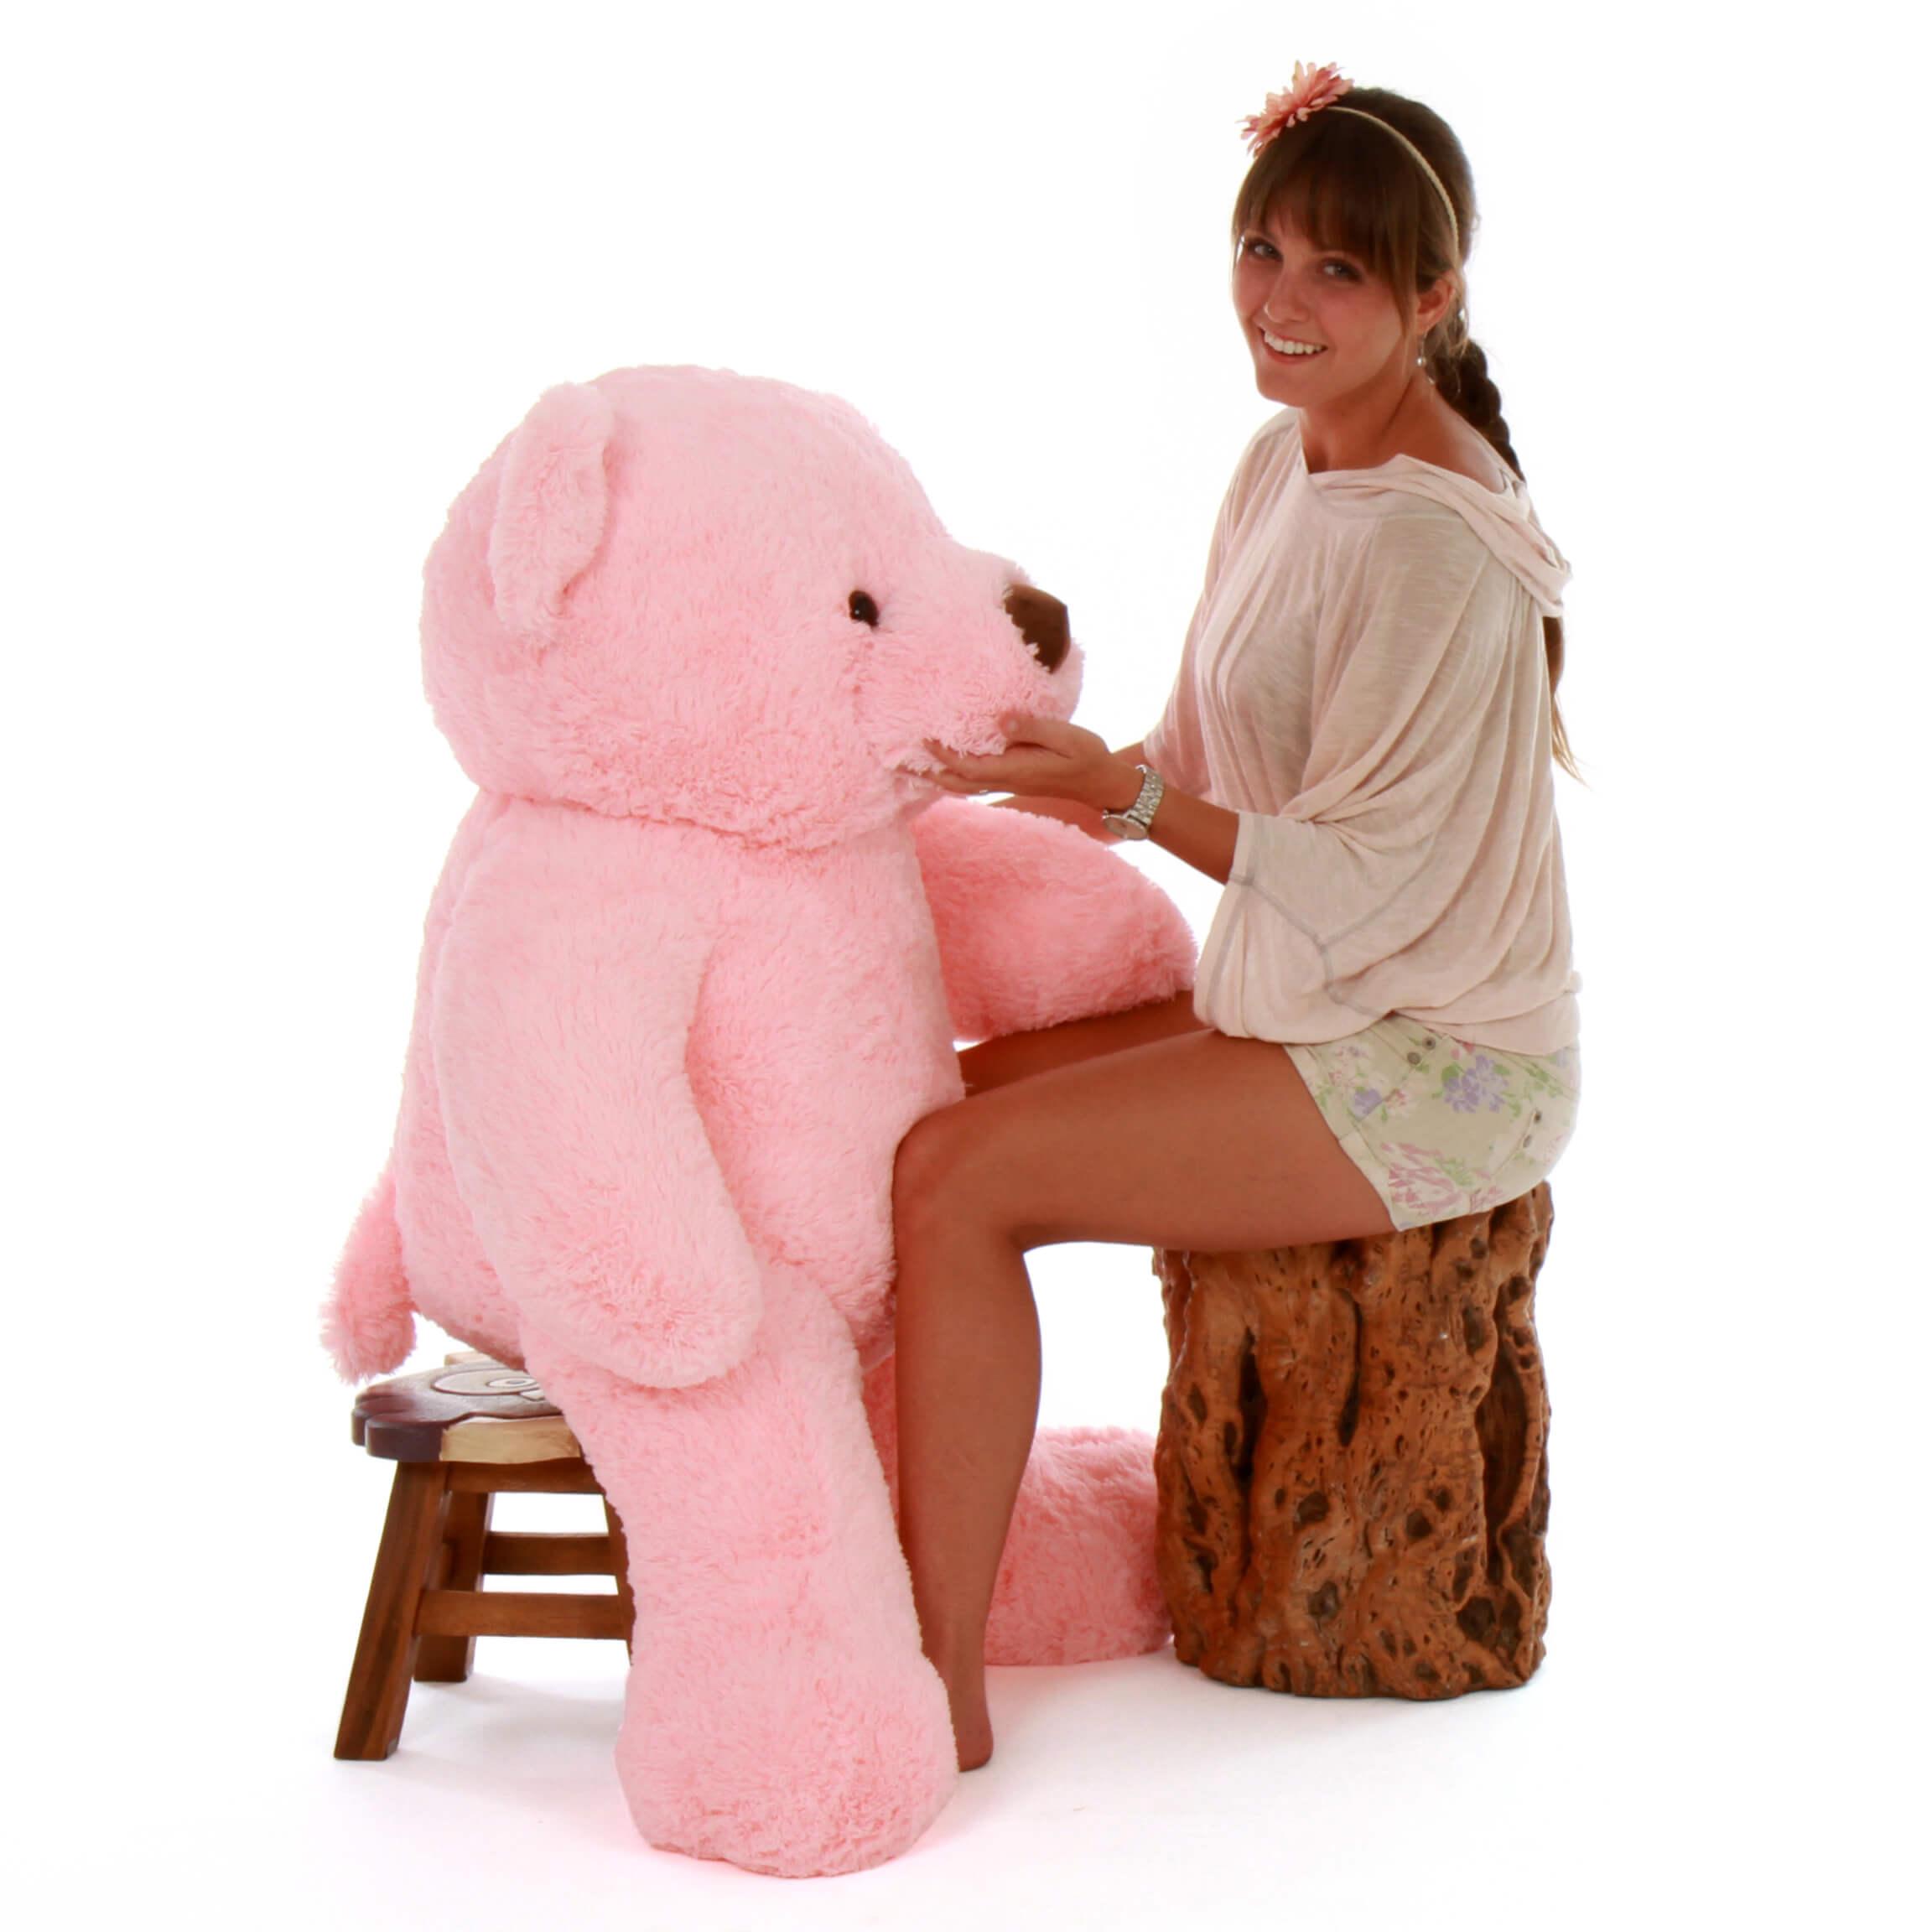 perfect-plush-toy-gigi-chubs-big-pink-teddy-bear-48in-1.jpg